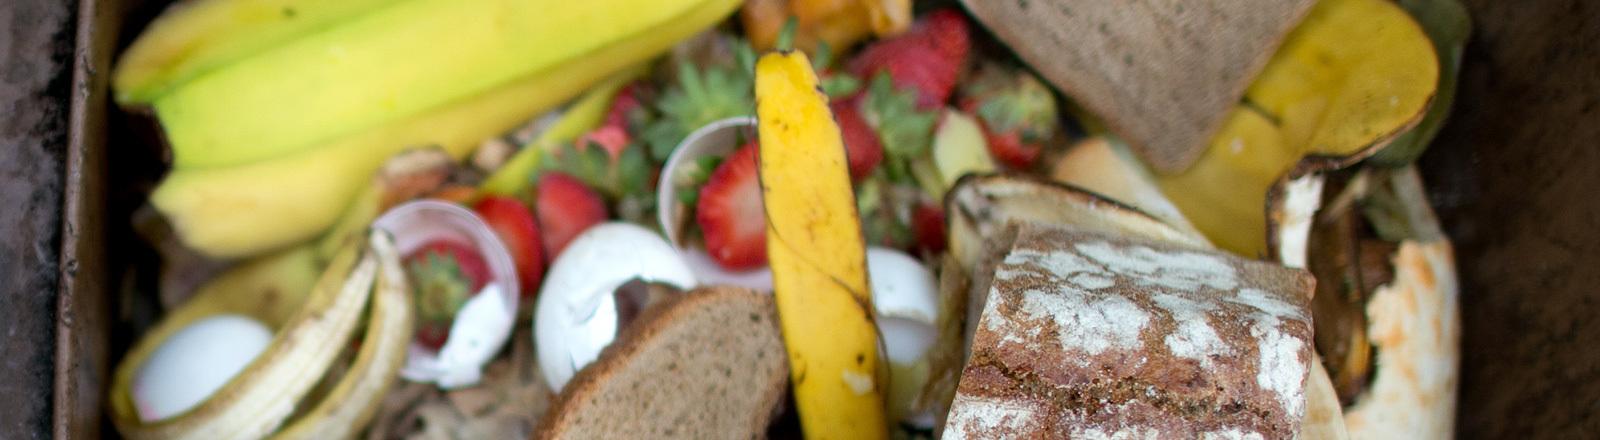 Weggeworfene Lebensmittel in Mülltonne.